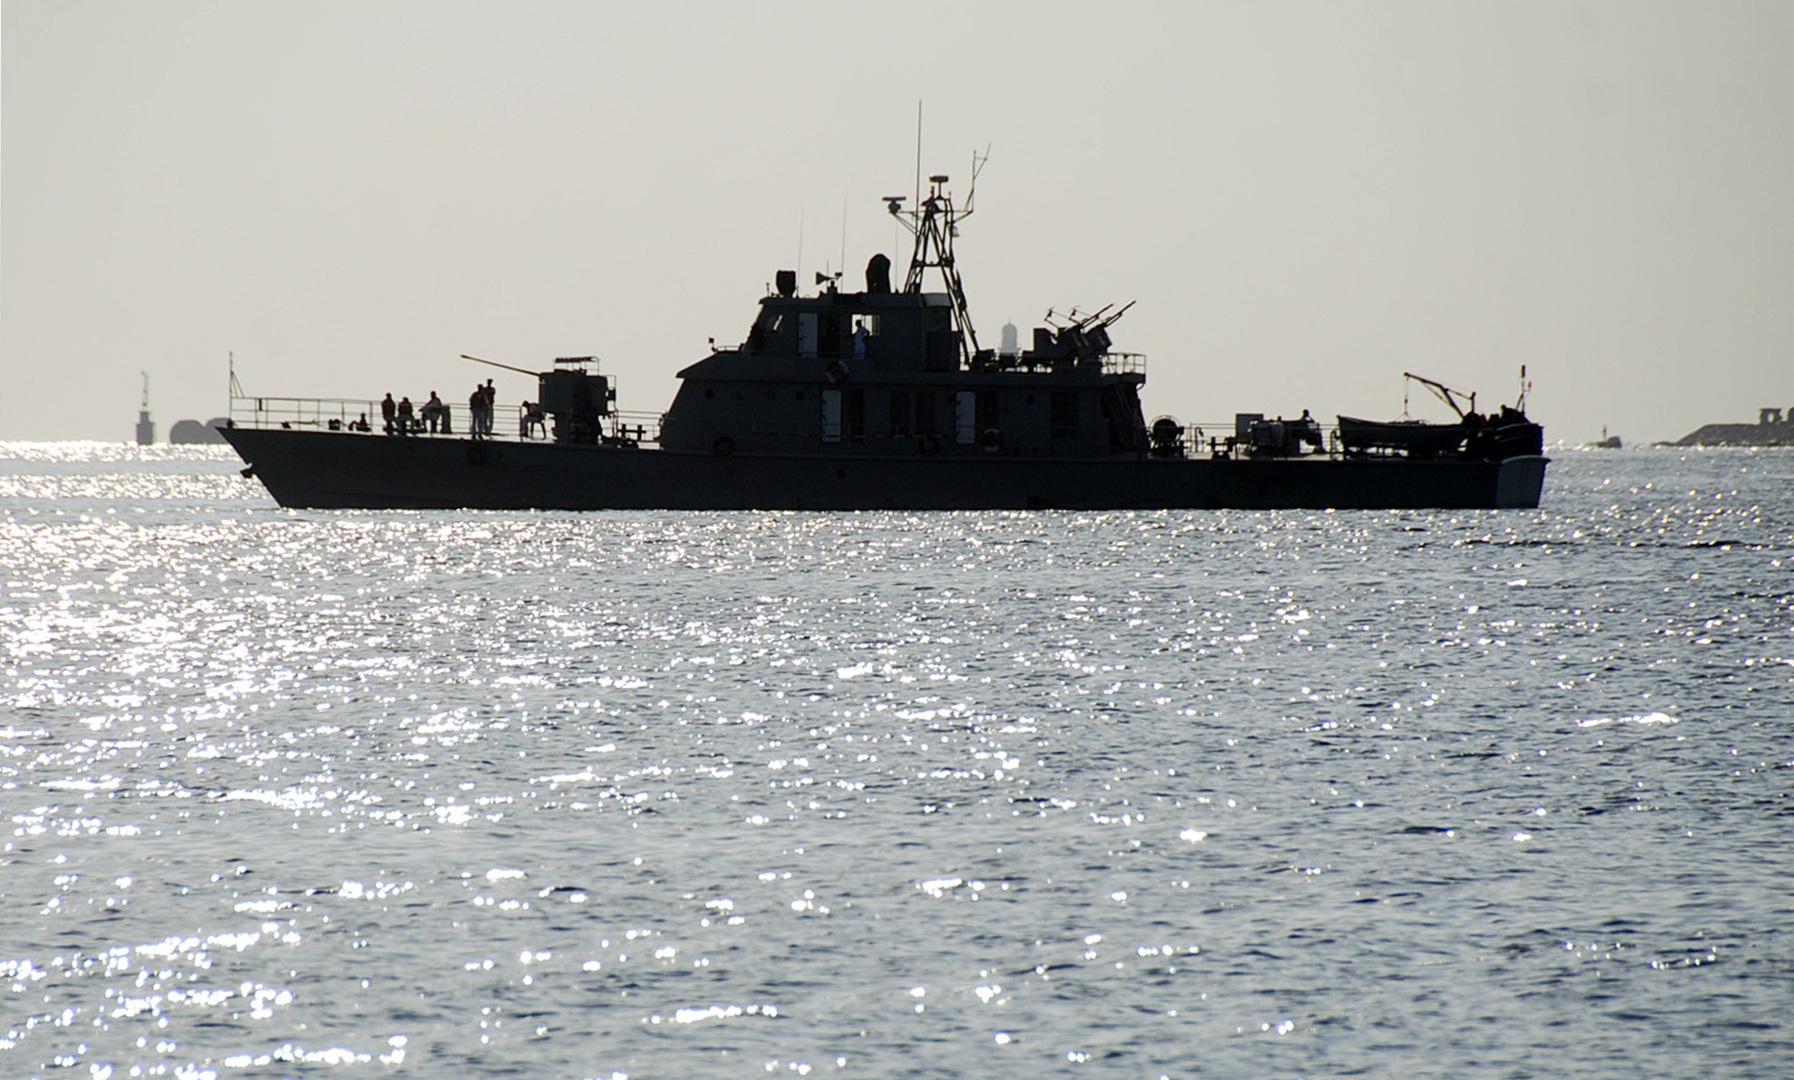 الجيش الإيراني يستعرض قوته لأول مرة في المحيط الأطلسي (فيديو)